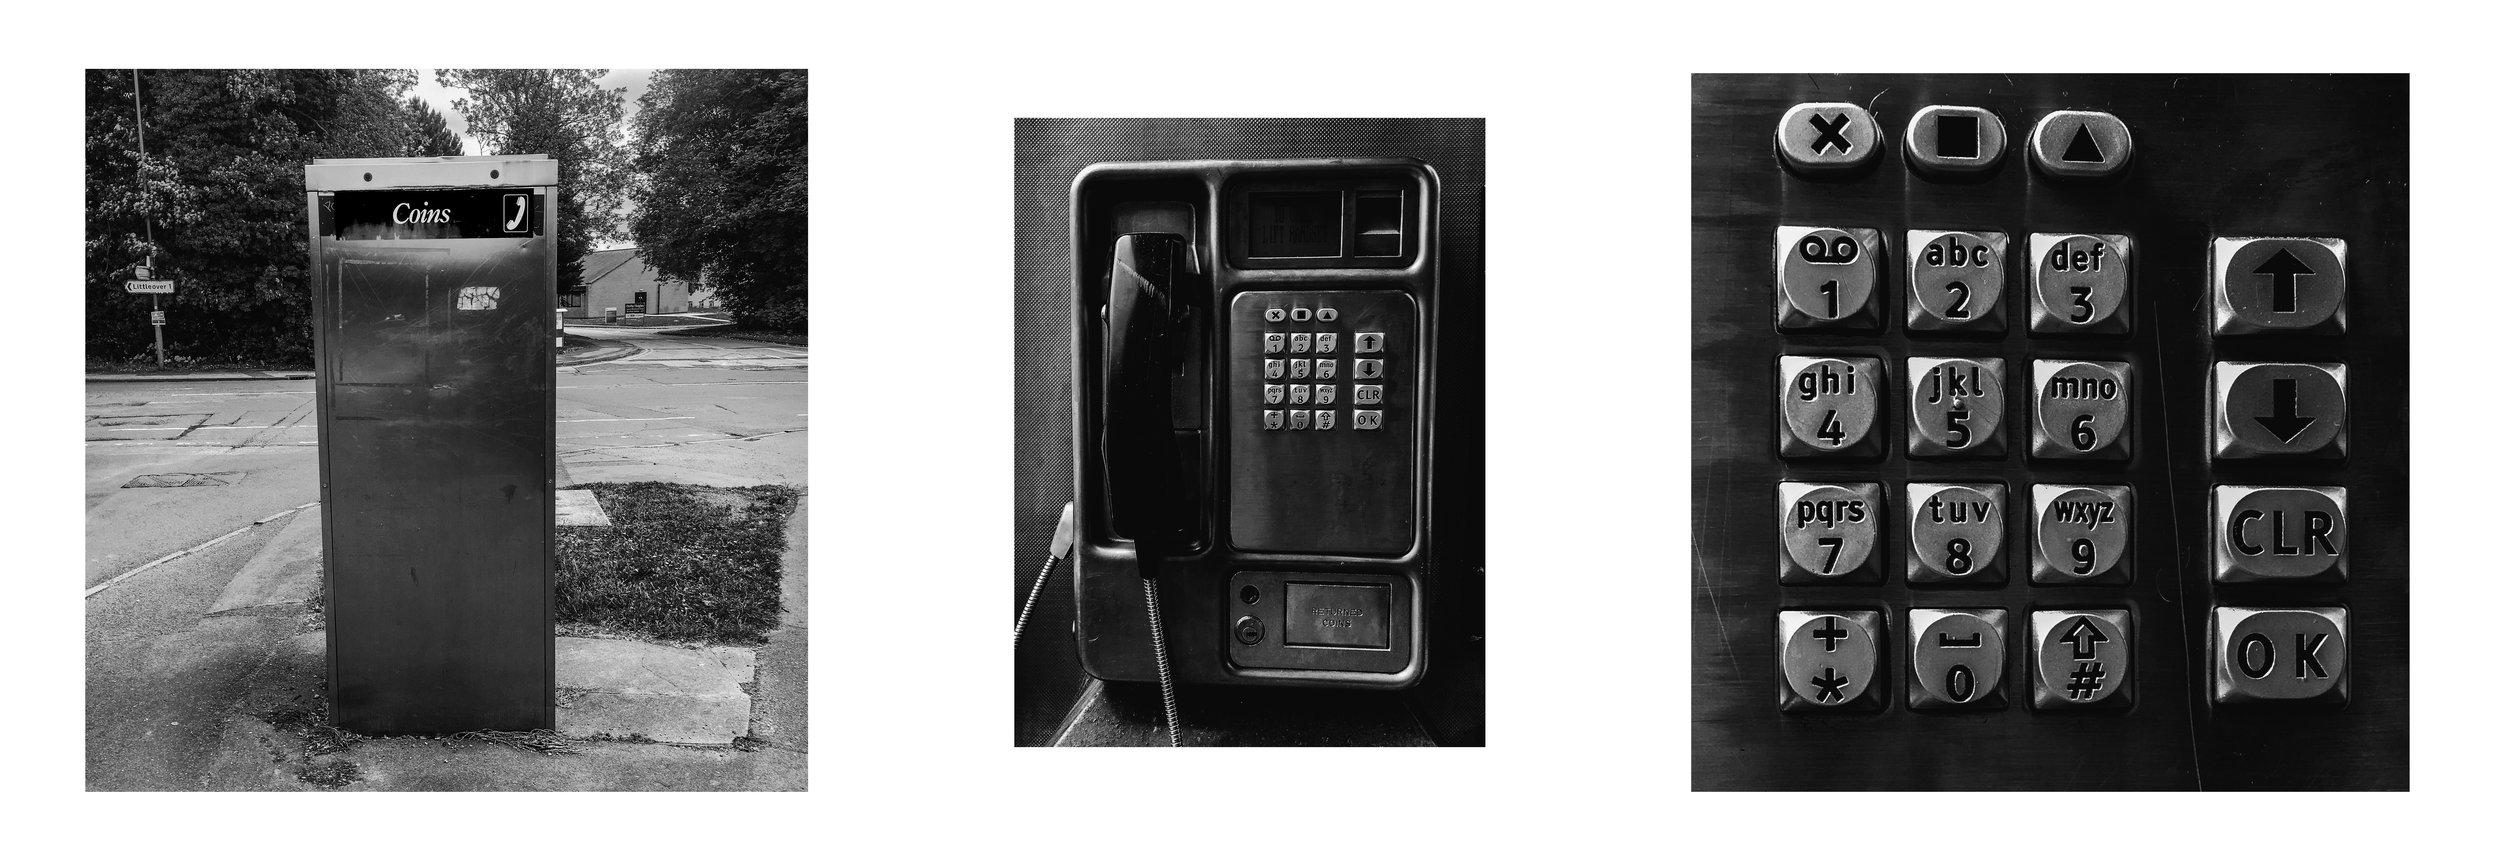 phone box neighbourhood.jpg